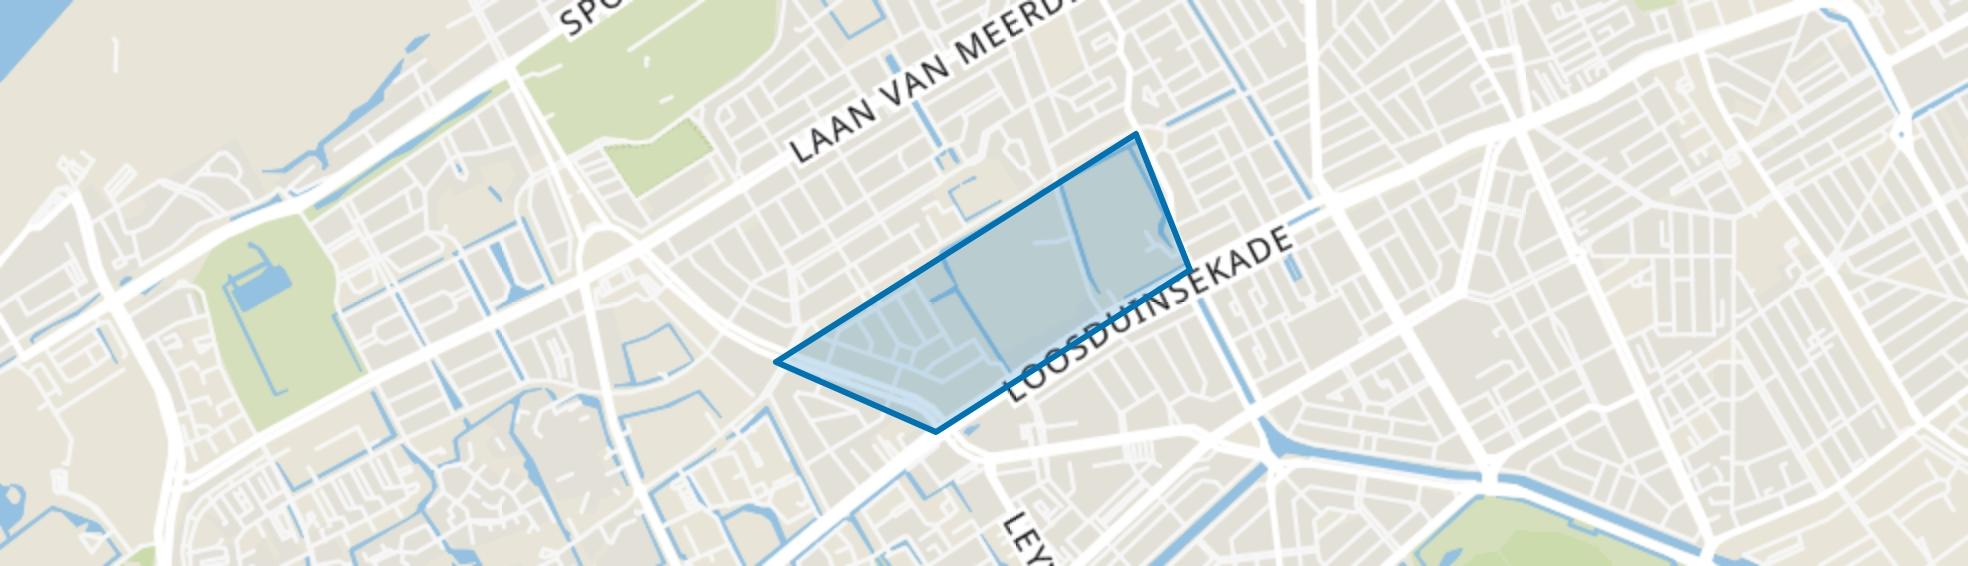 Eykenduinen, Den Haag map